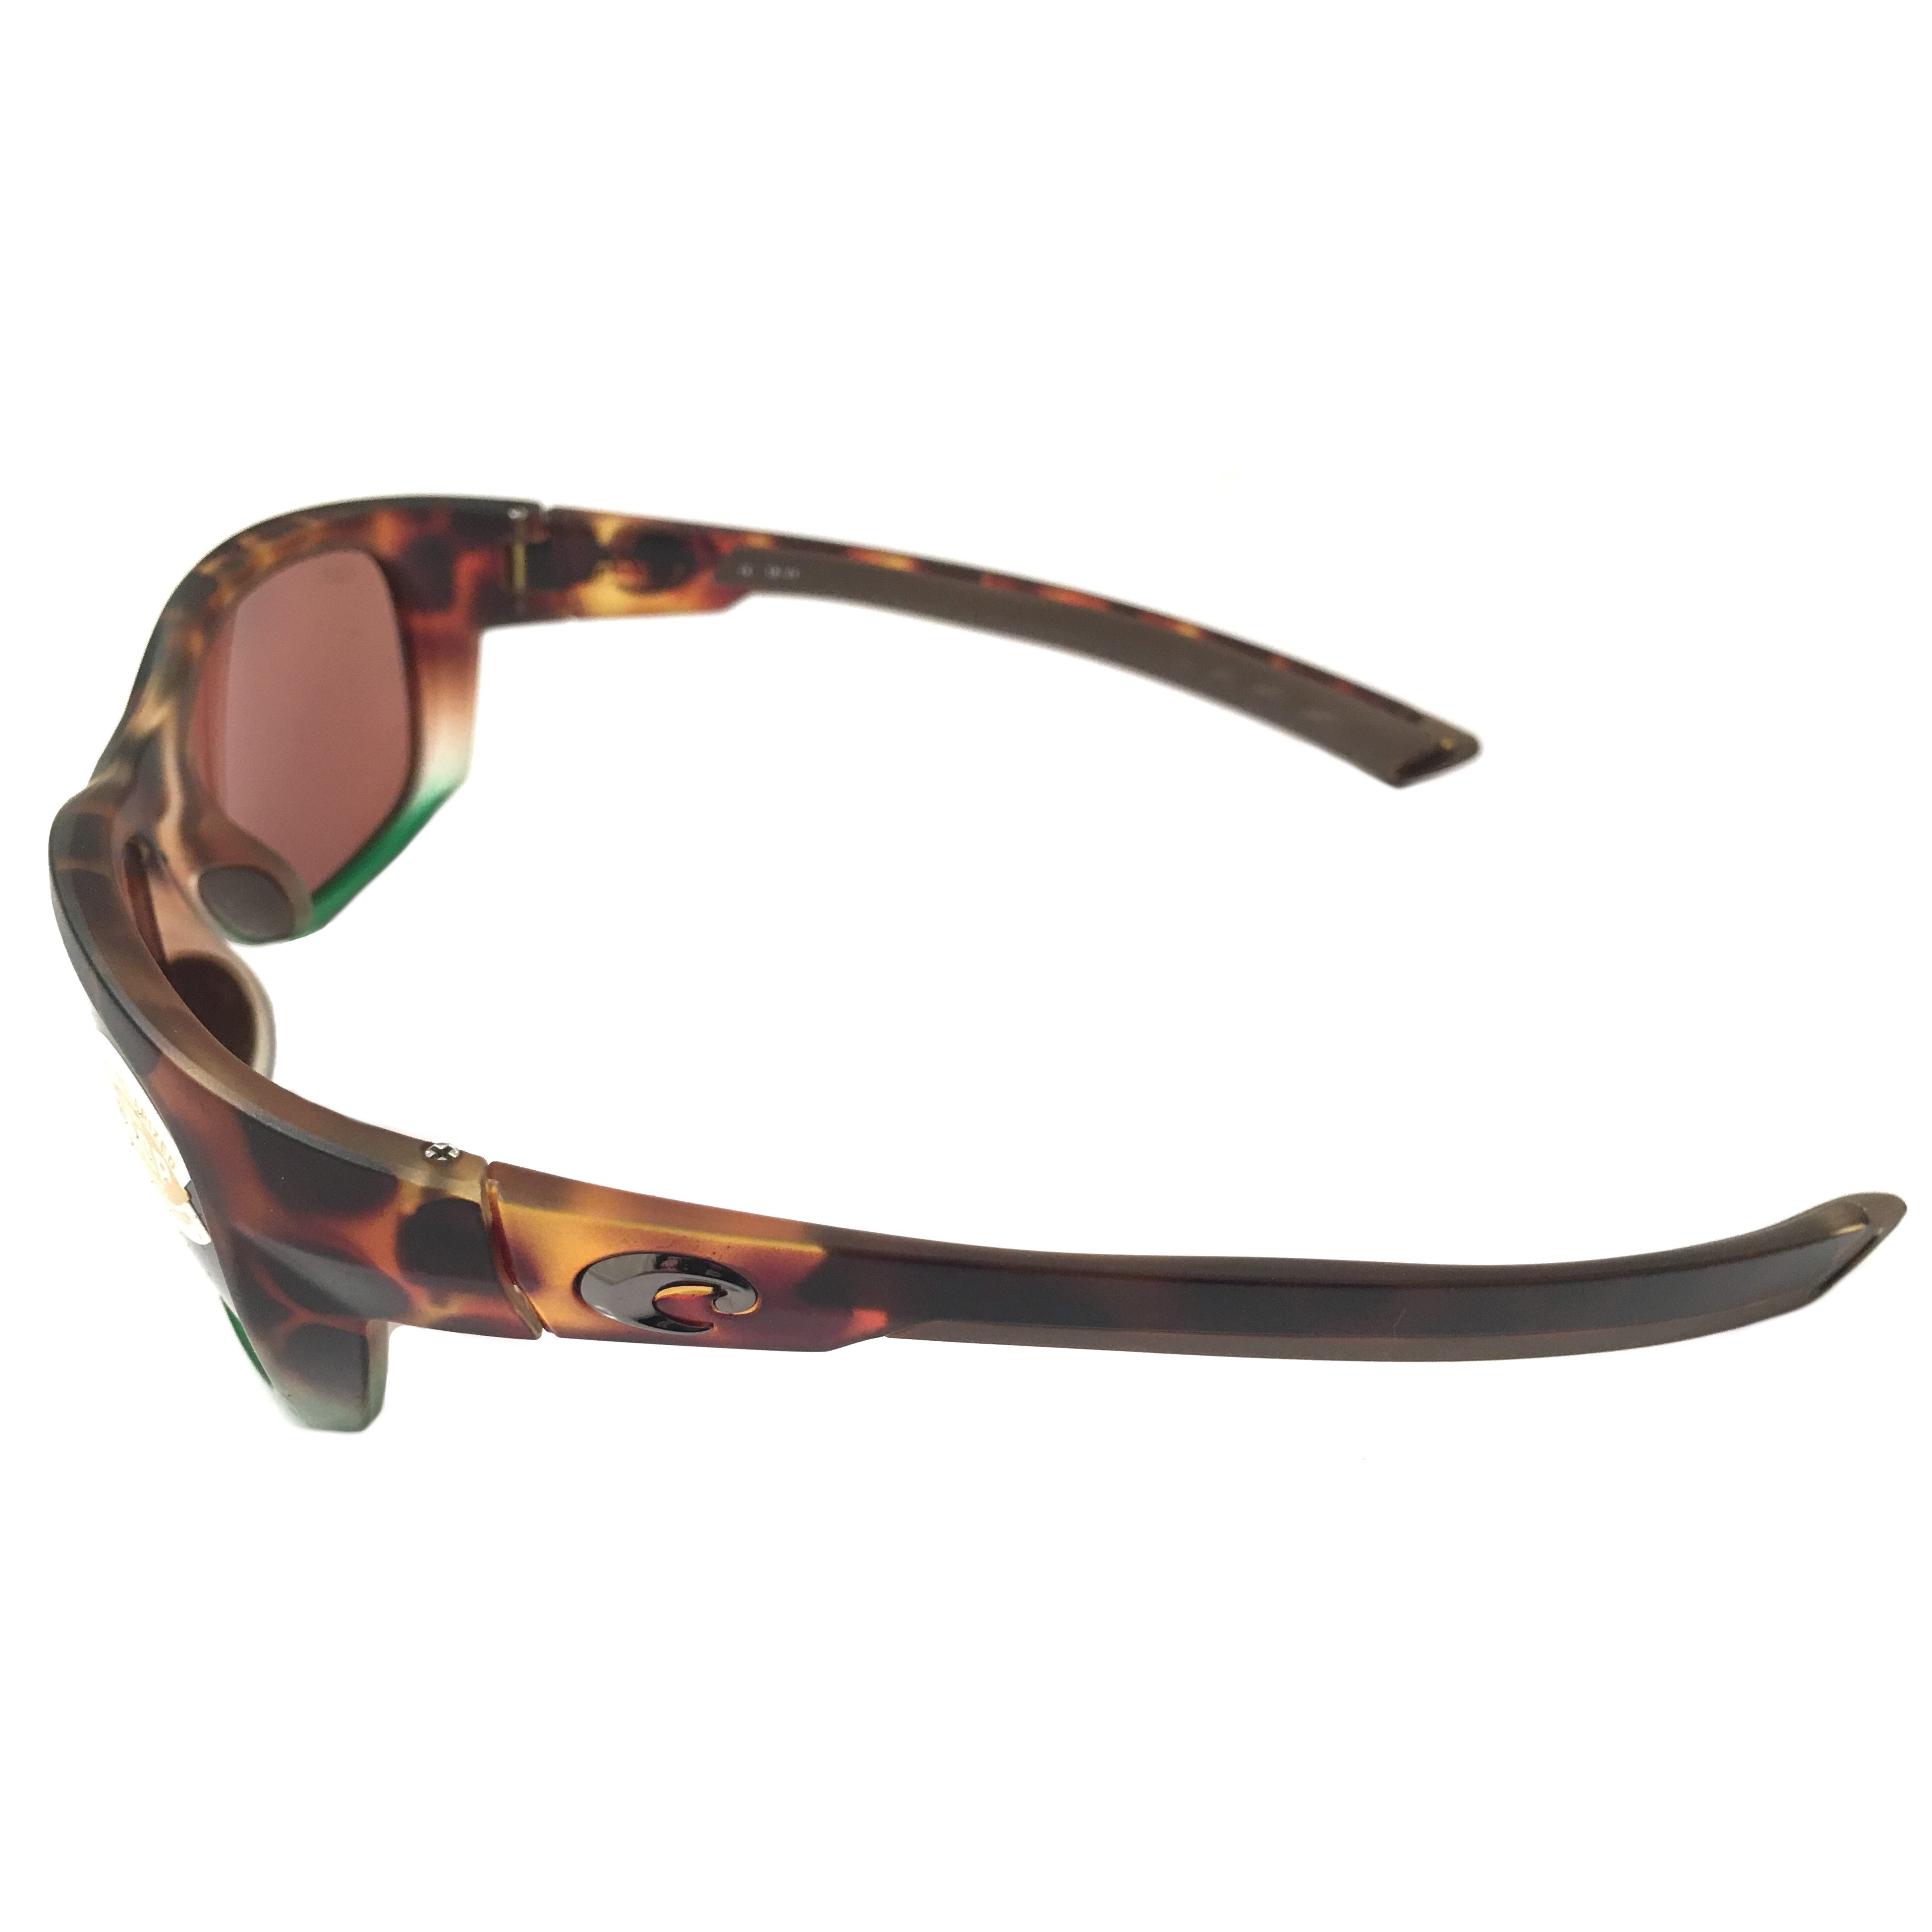 b493bd12899 Costa Del Mar Trevally Sunglasses - Matte Tortuga Fade - POLARIZED Copper  580P